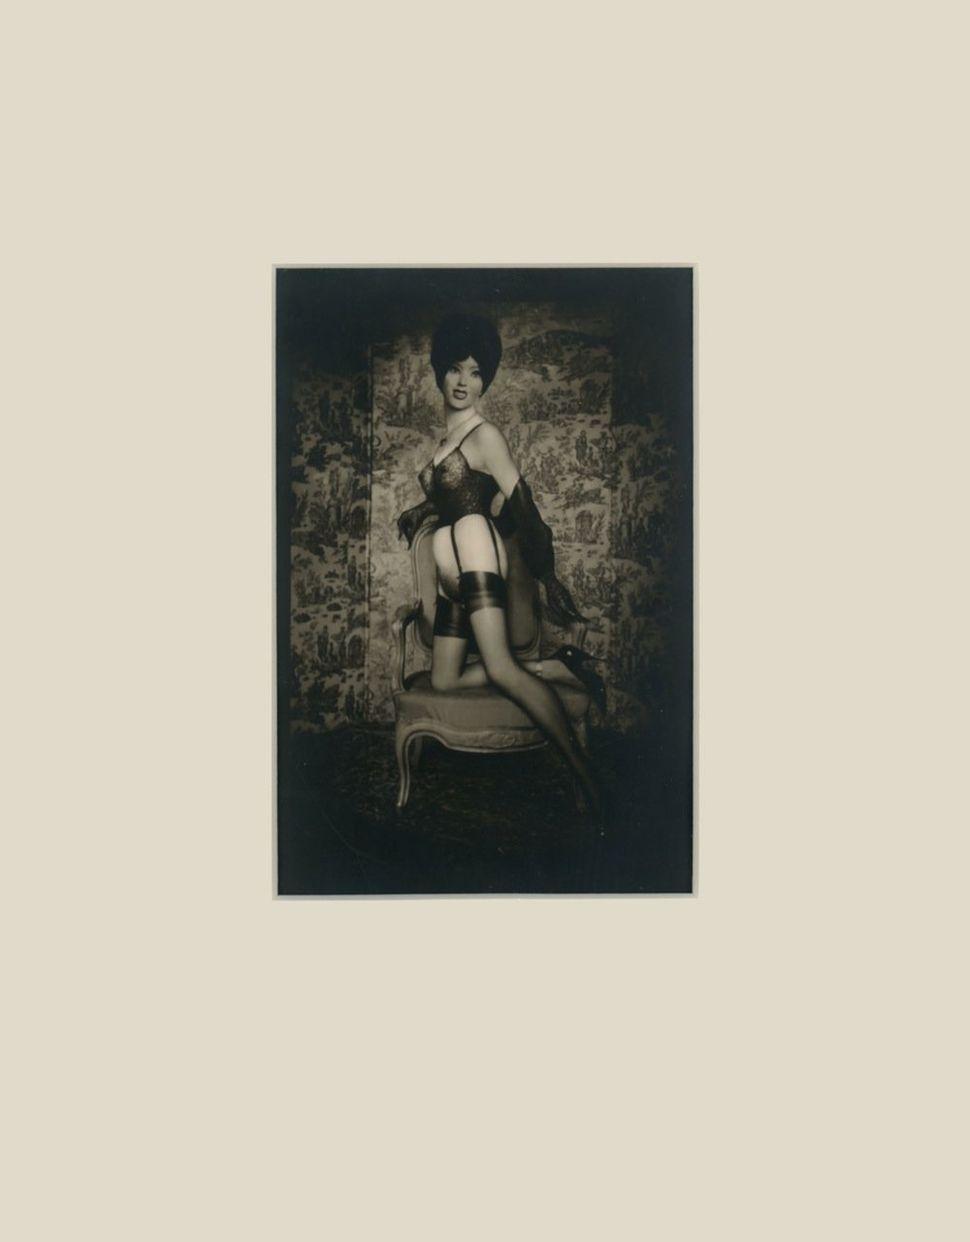 Pierre Molinier Effigie, c. 1970 Vintage gelatin silver print